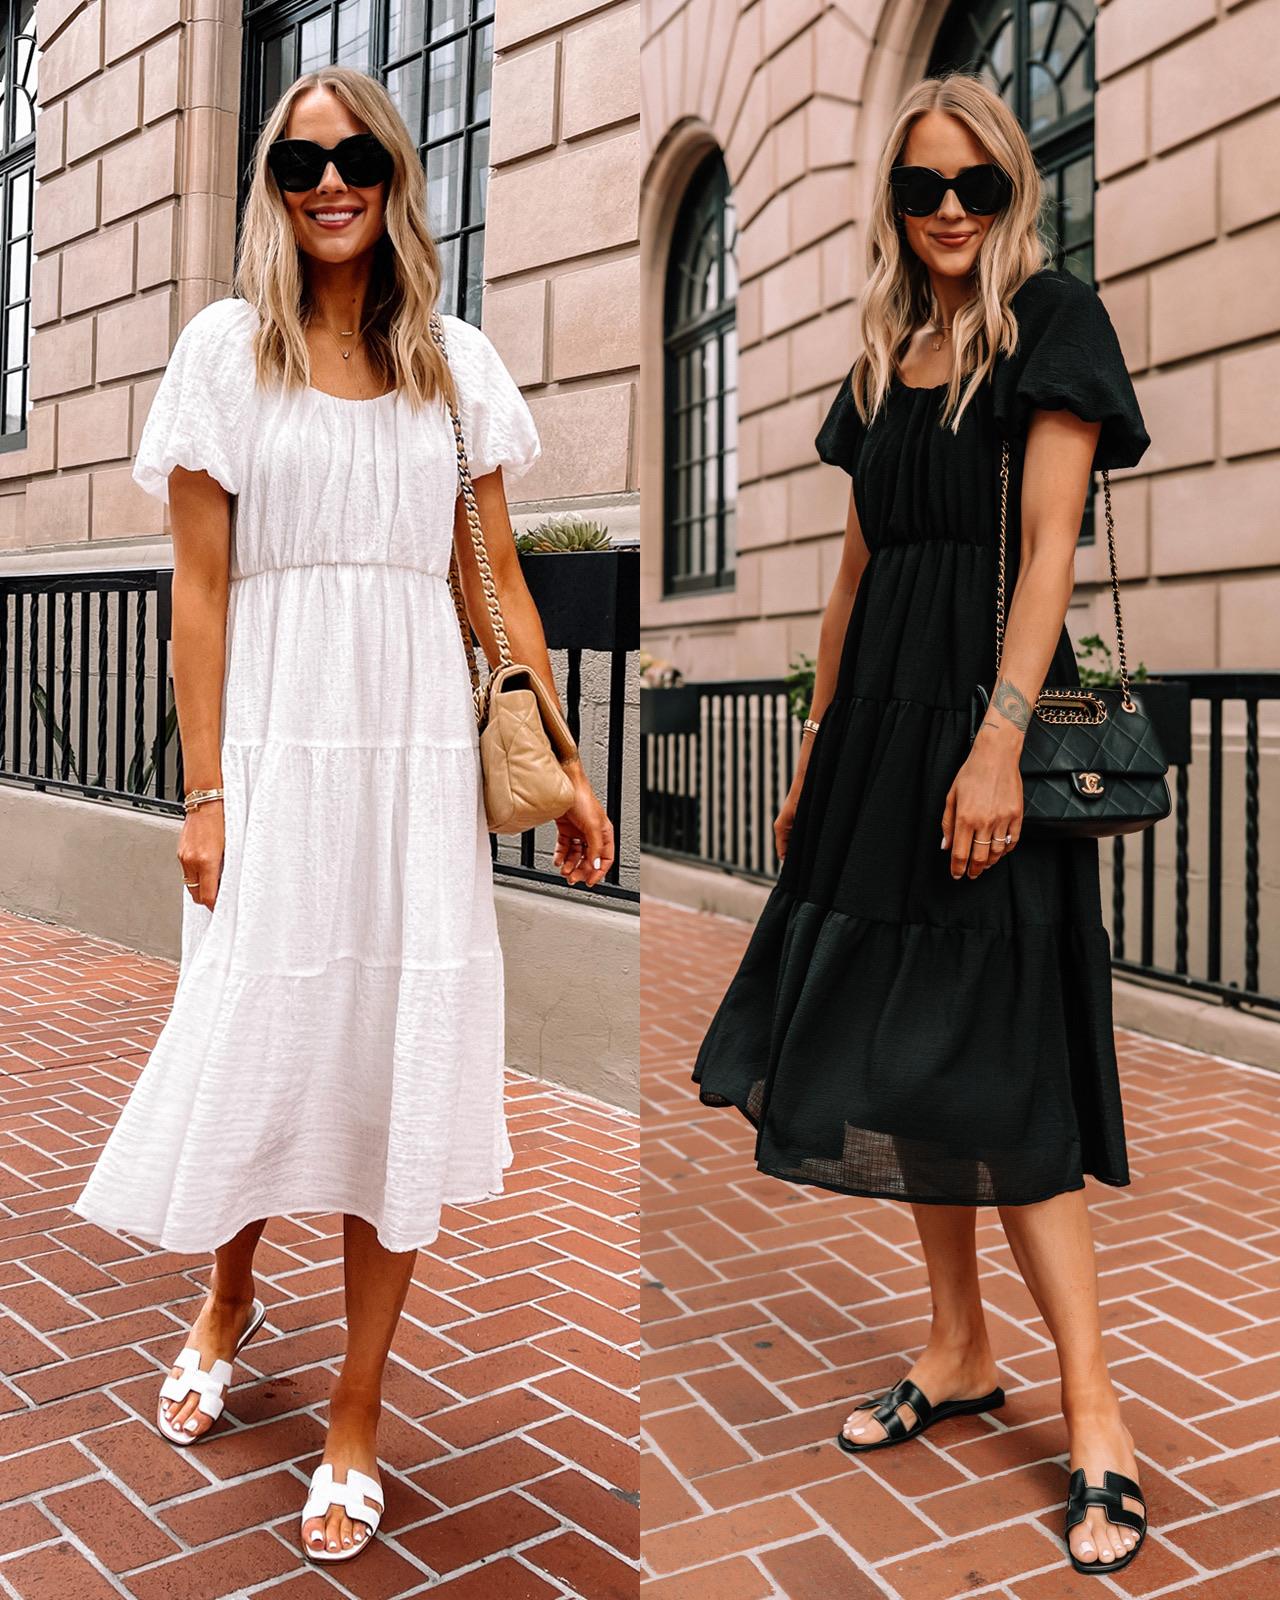 Fashion Jackson Wearing White Midi Dress White Hermes Sandals Black Midi Dress Black Hermes Sandals